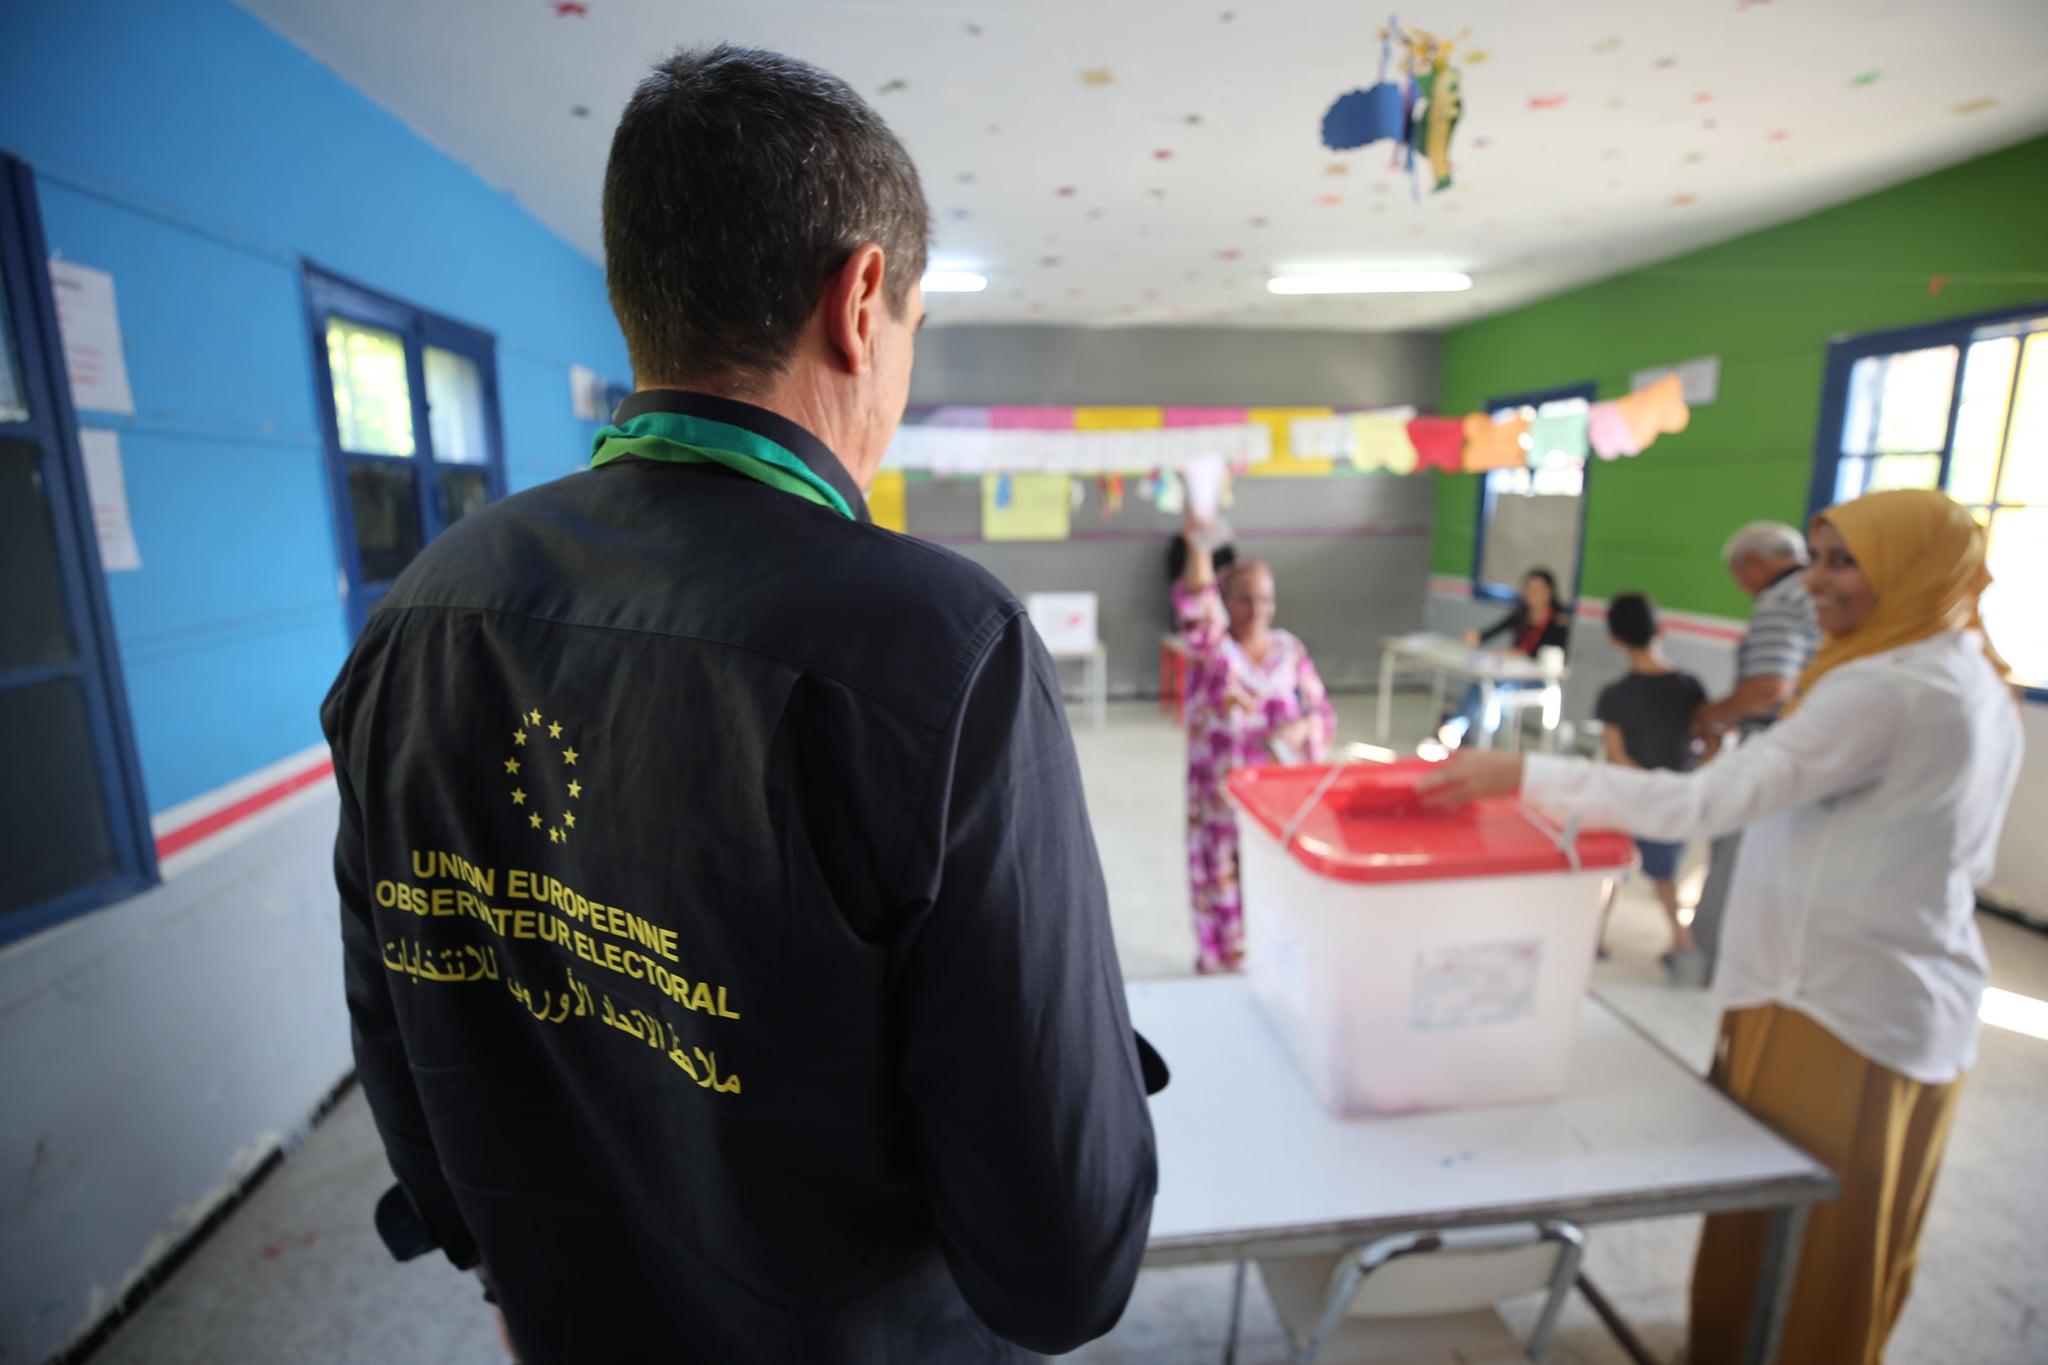 Tunisie-[photos]La mission d'observation électorale de l'Union européenne (MOE UE) déploie 75 observateurs